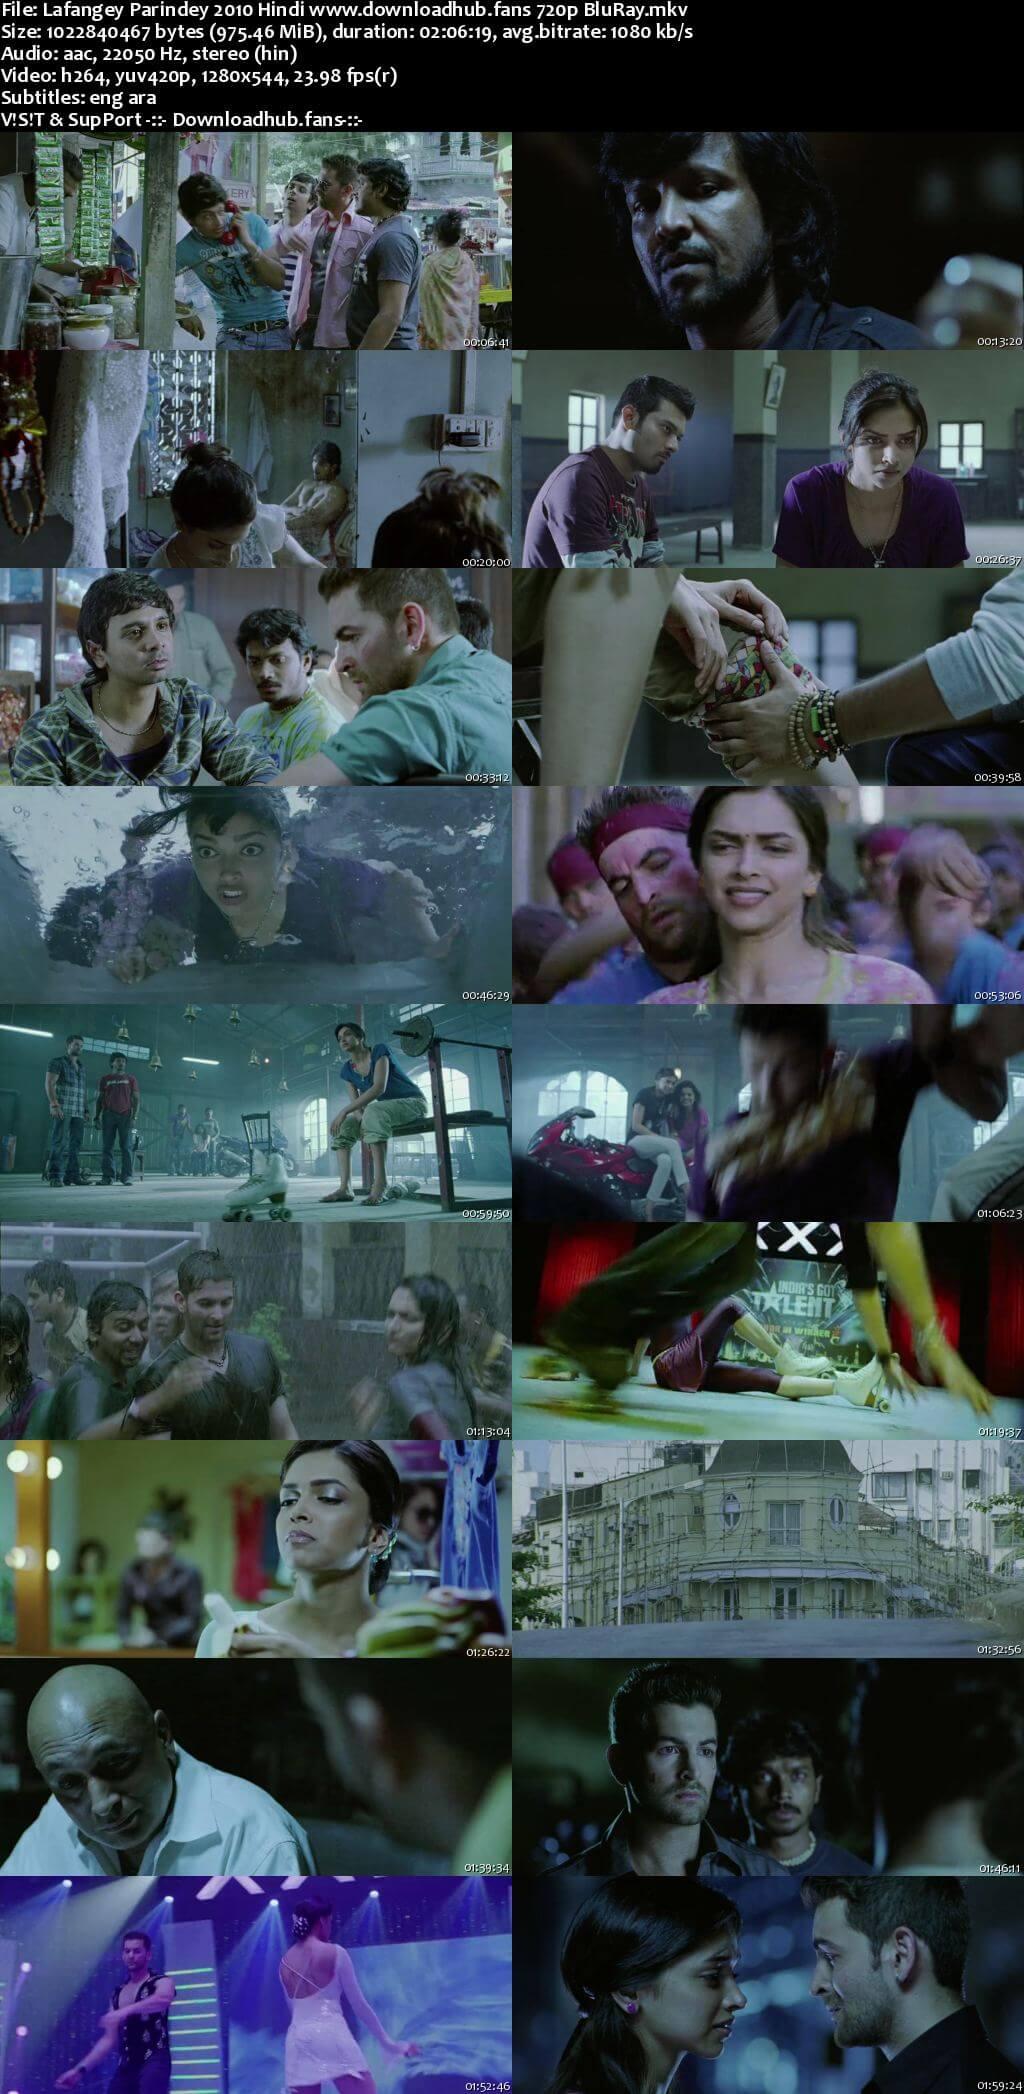 Lafangey Parindey 2010 Hindi 720p BluRay ESubs